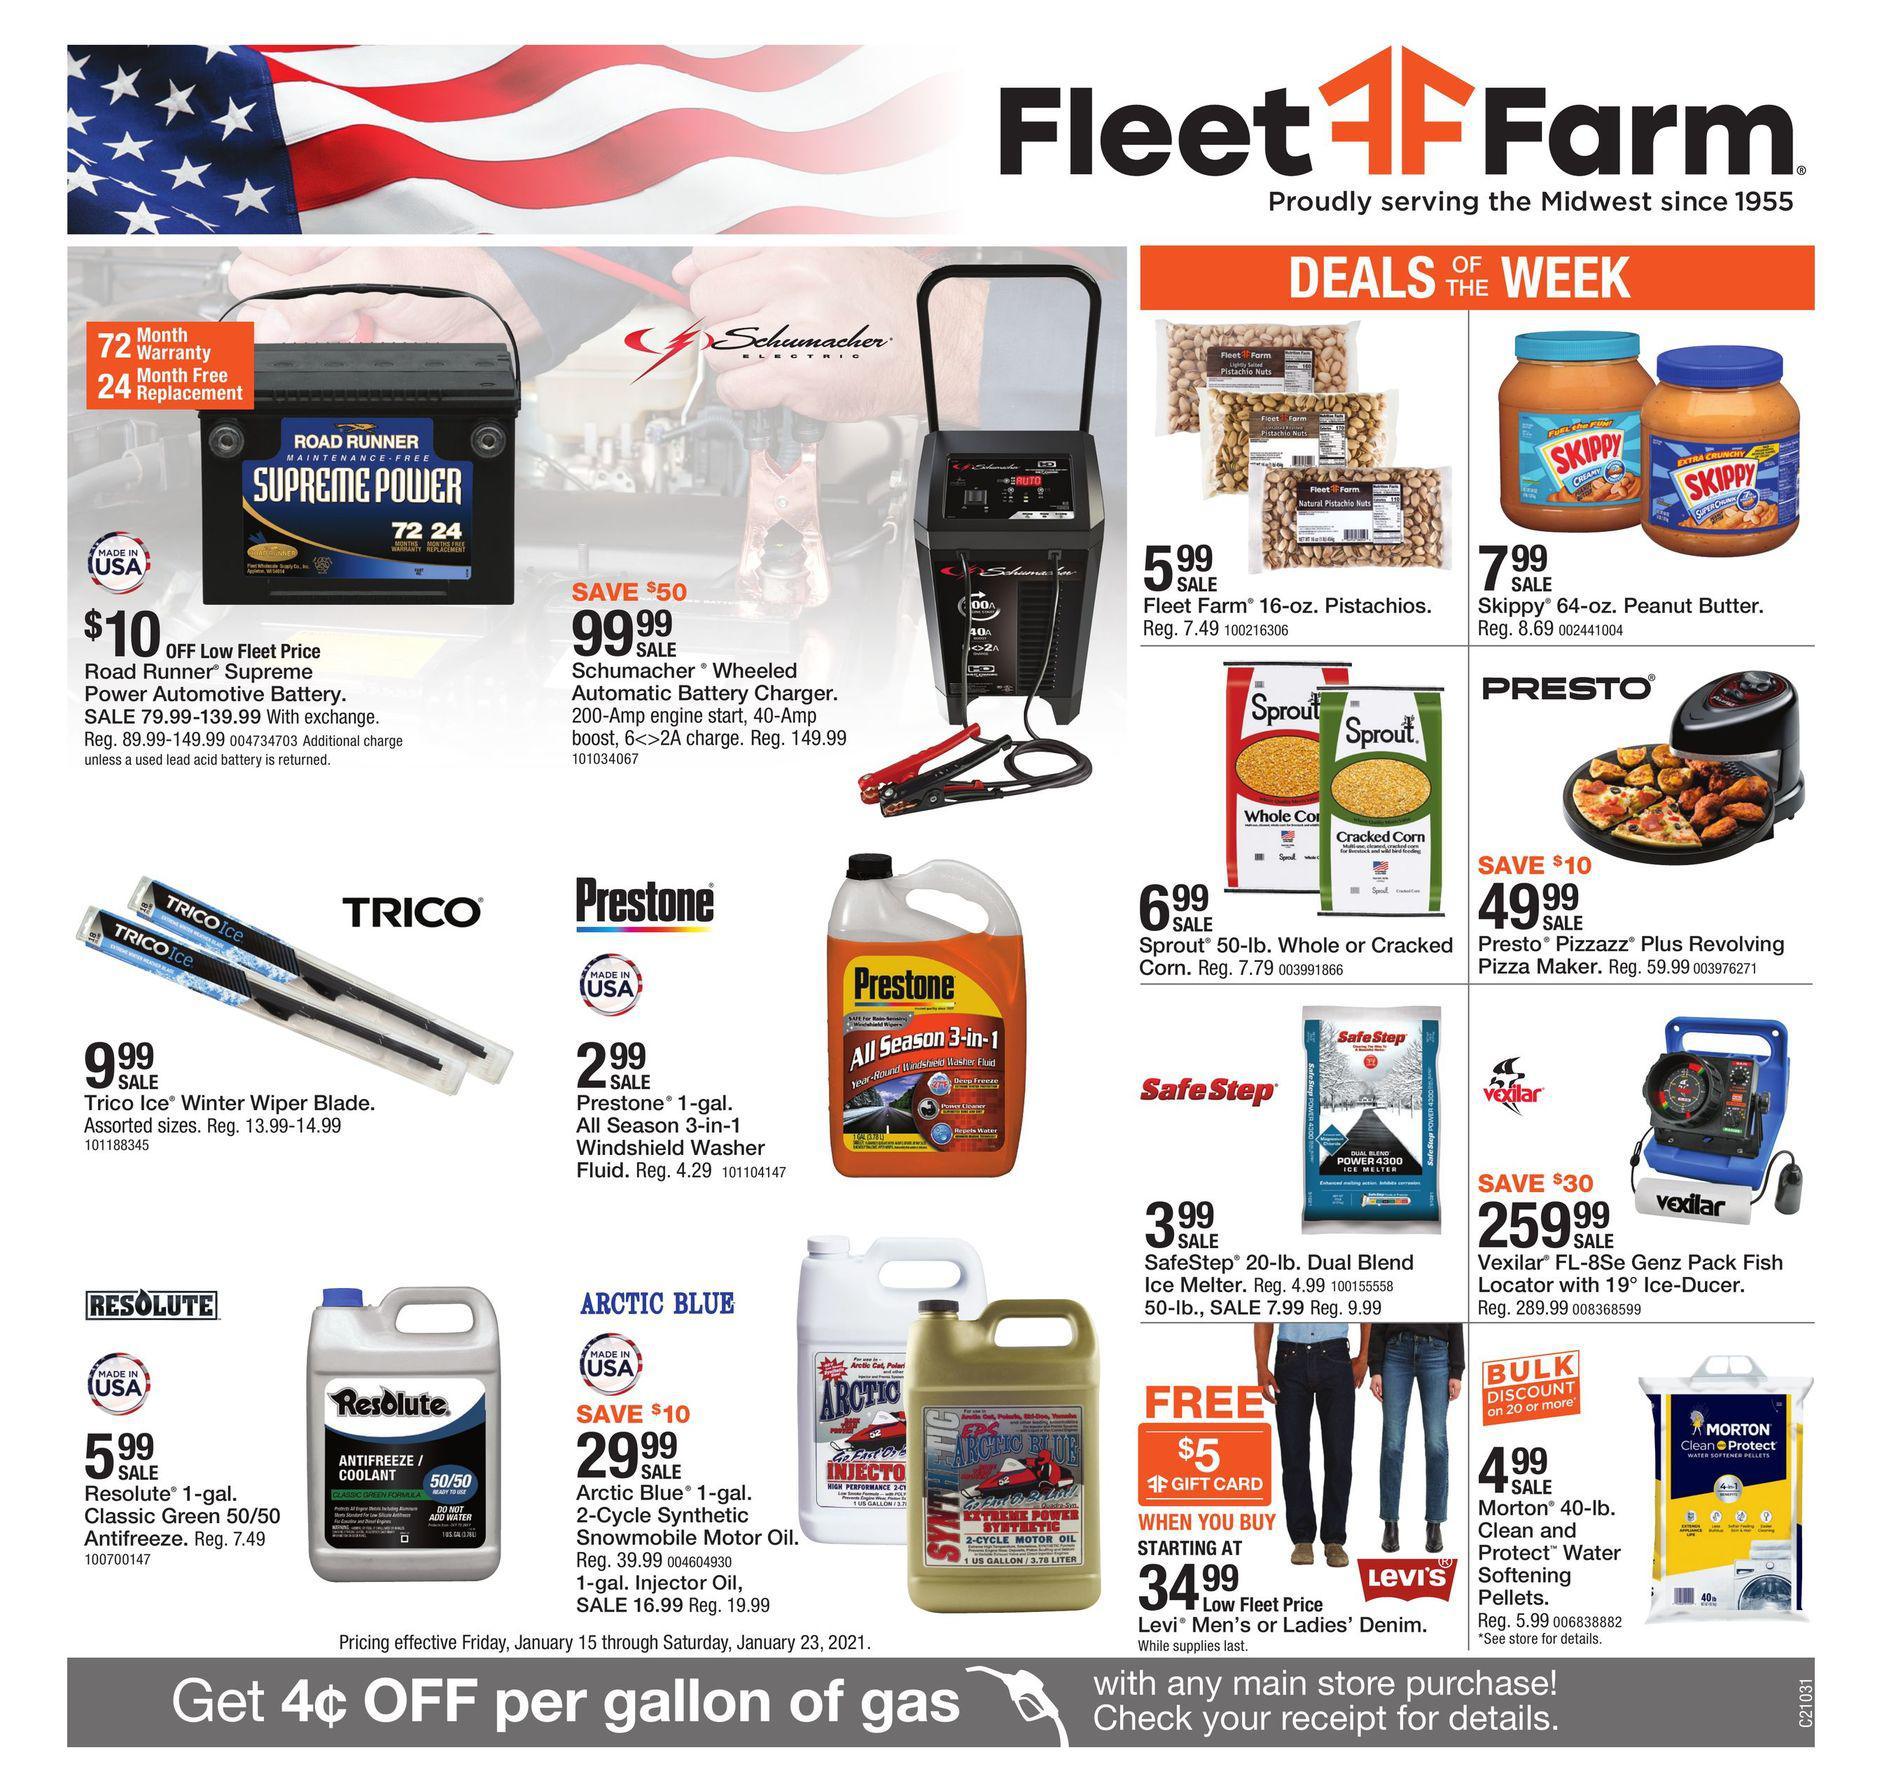 Fleet Farm Weekly Ad January 15 - January 23, 2021